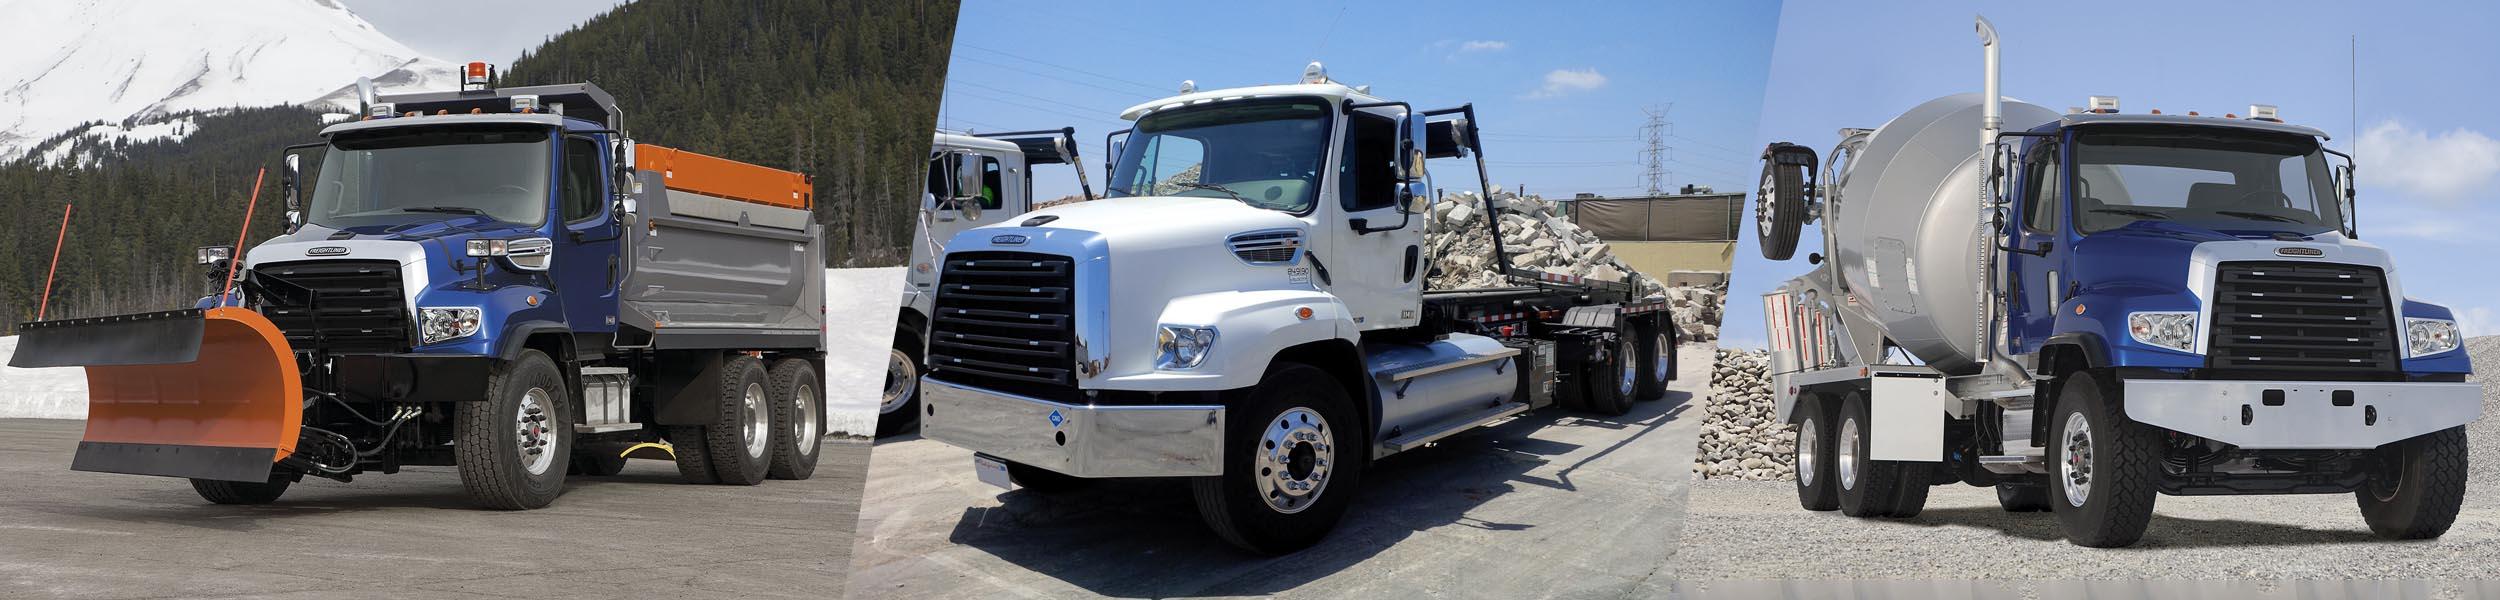 114SD Truck